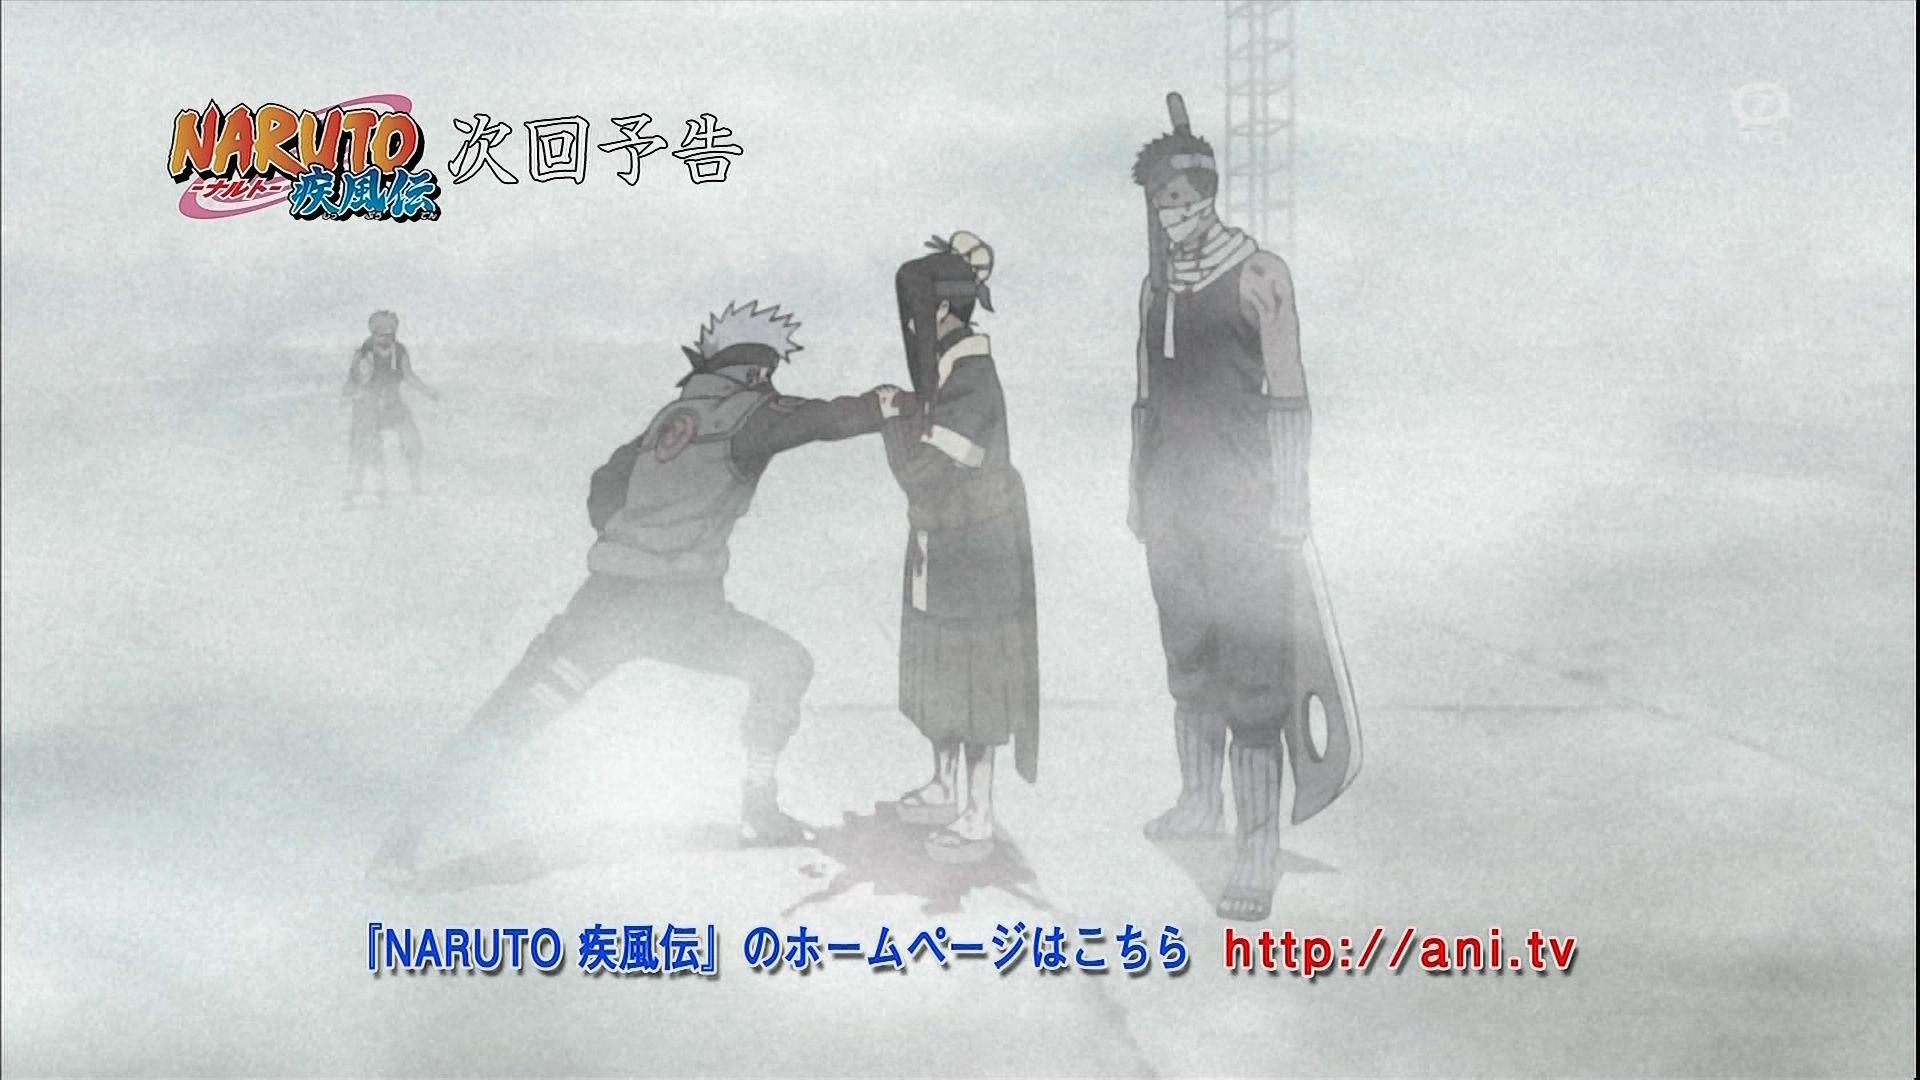 NARUTO-ナルト-疾風伝